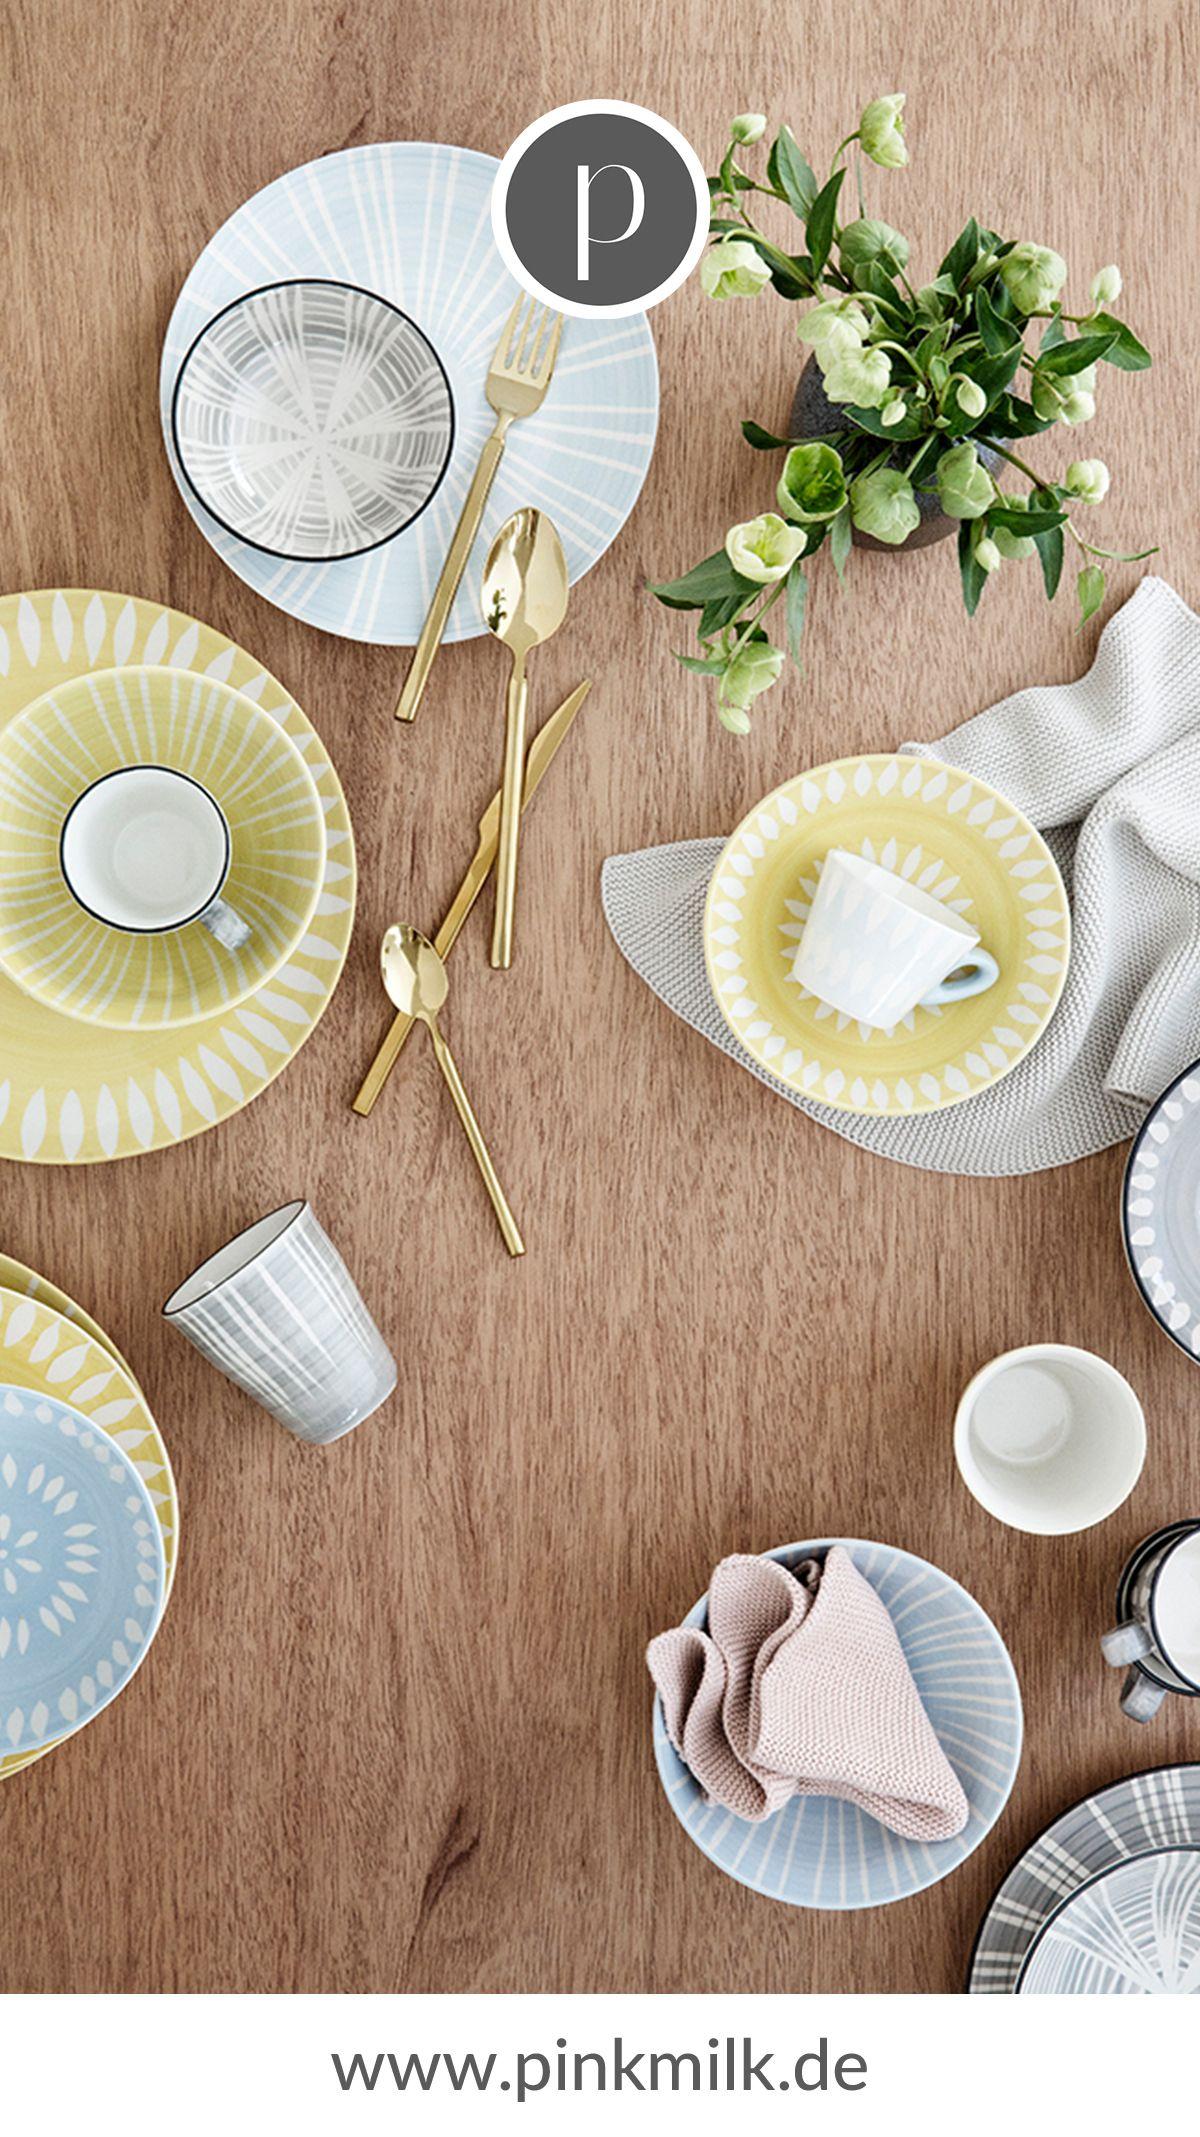 Bei vielen anstehenden Gartenparties ist ein tolles Geschirrs-Set ein absolutes Essential. Wähle zwischen vielen verschiedenen Marken und einzigartigen Designs um Deine Lieblinge zu finden und Dein Zuhause perfekt zu ergänzen.